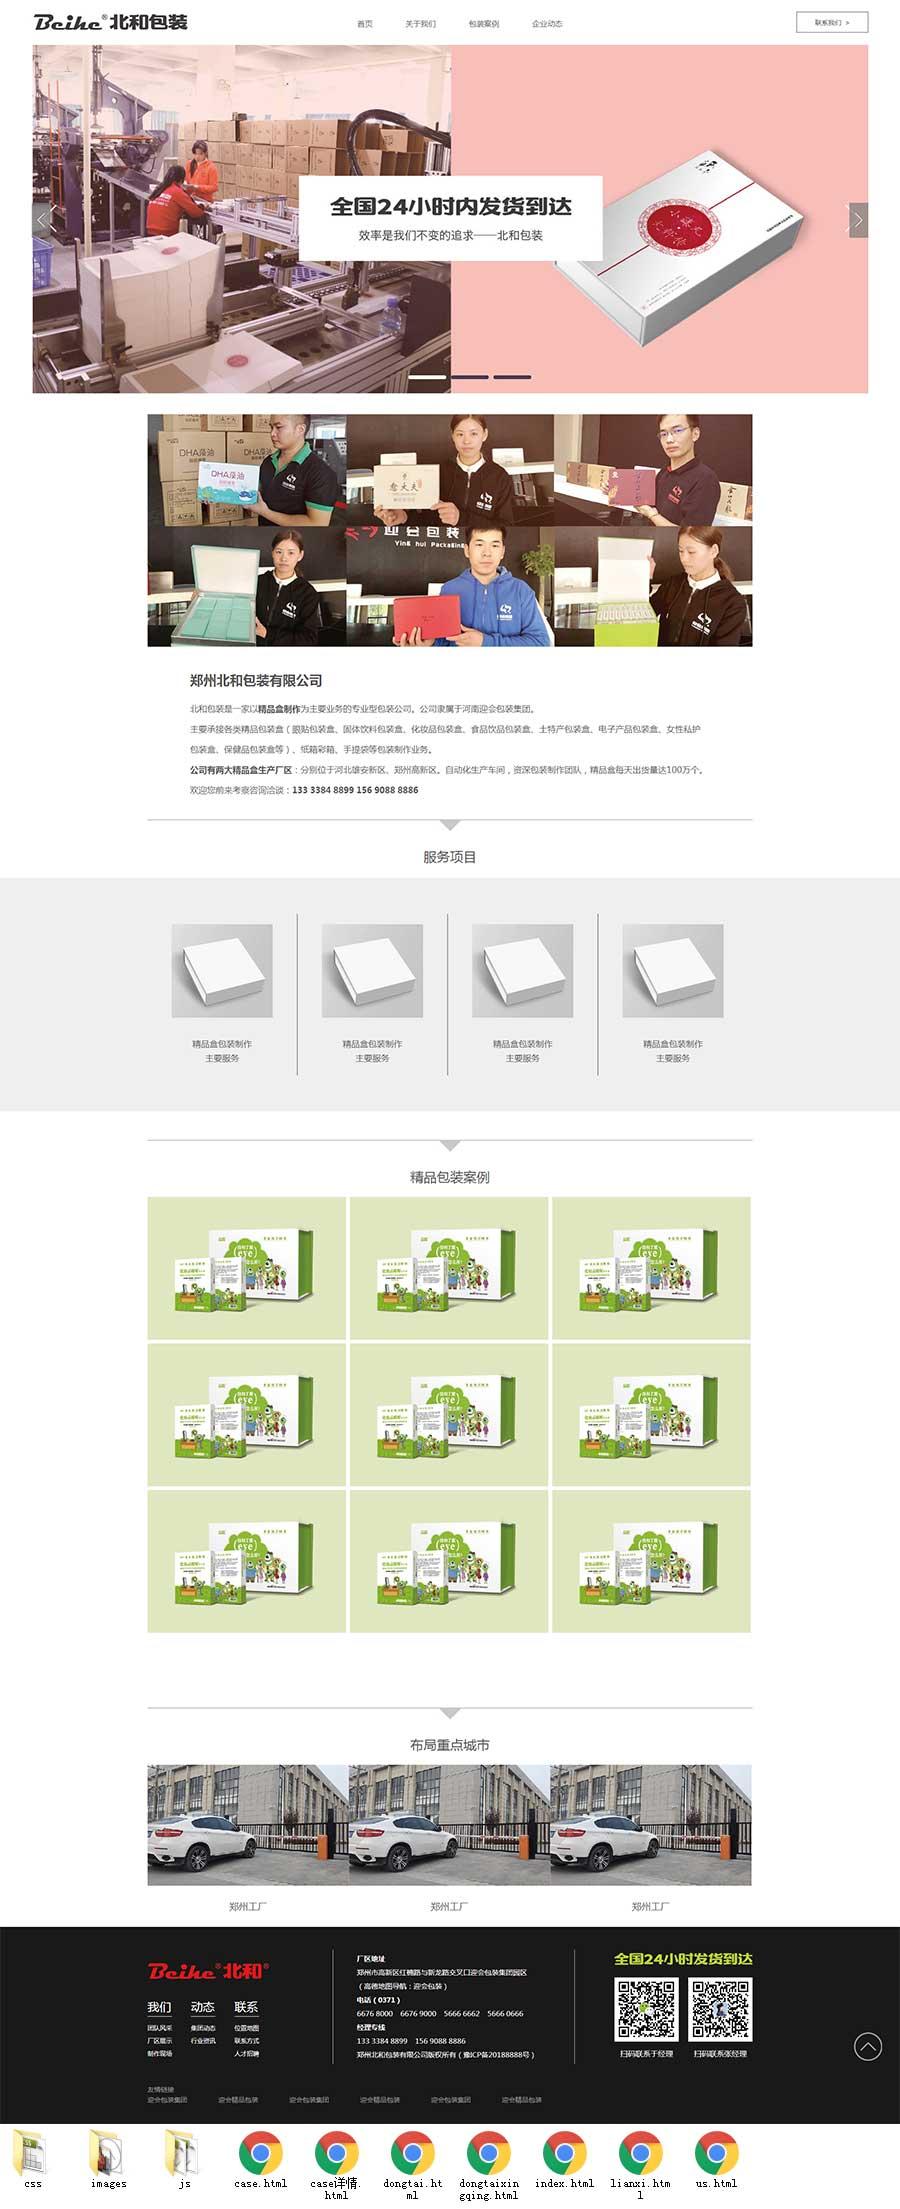 大气宽屏的包装设计制作公司网站模板